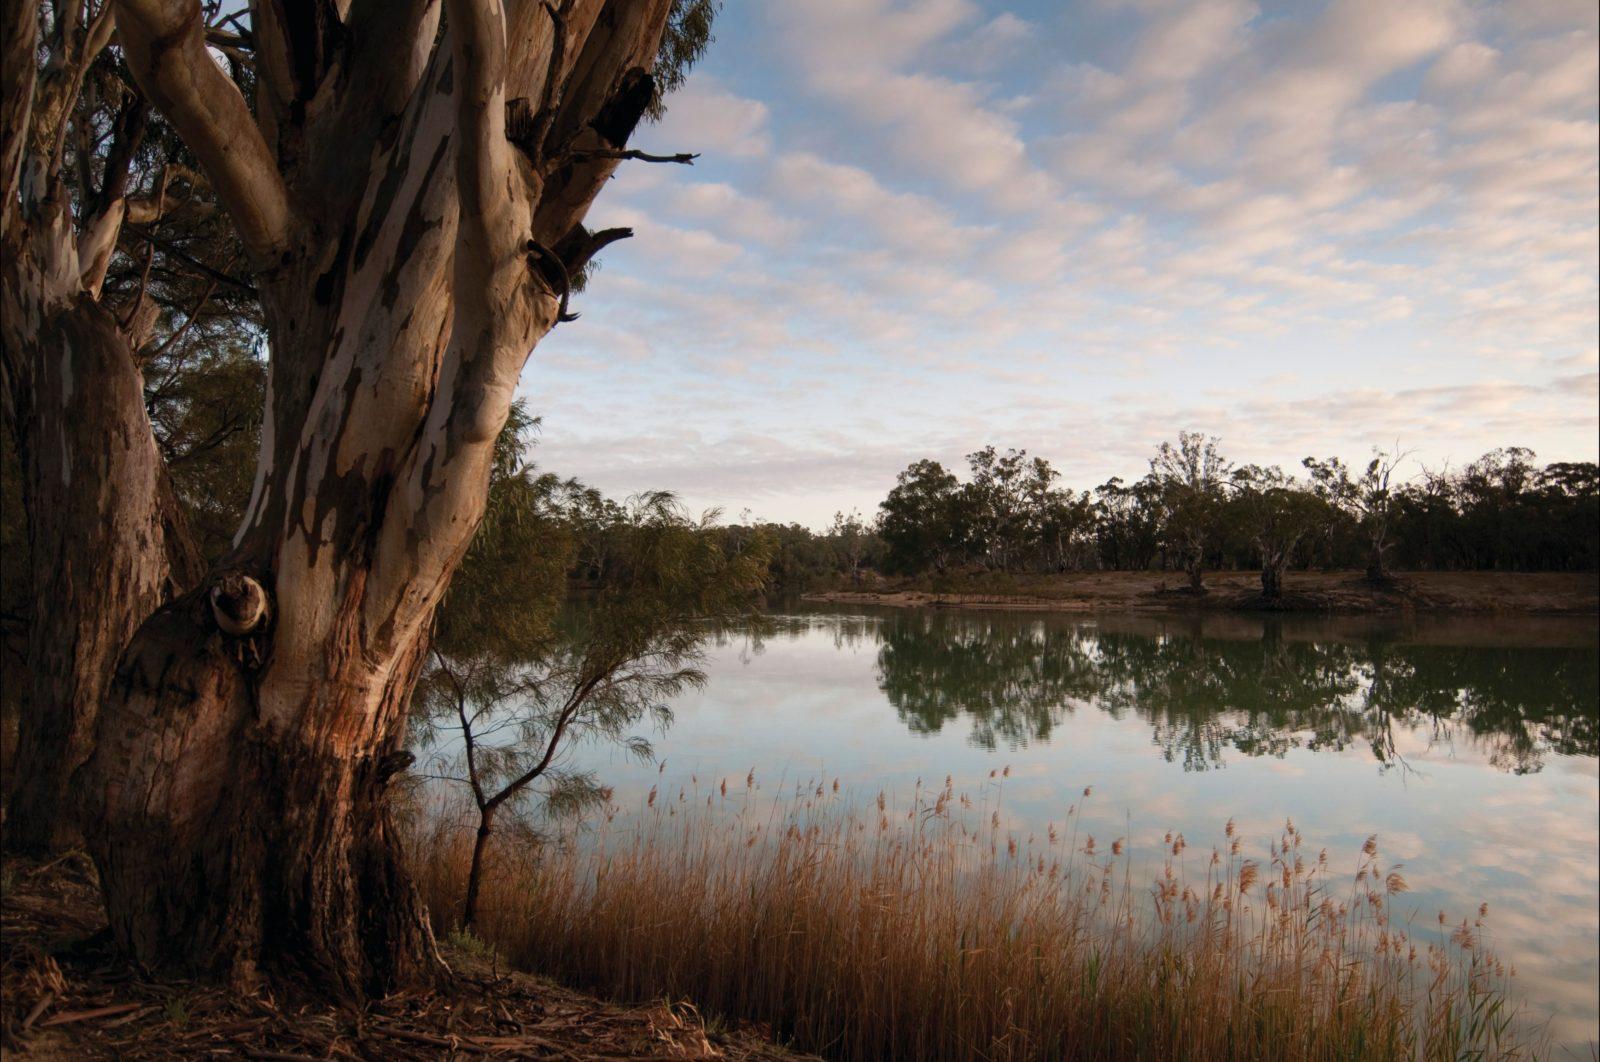 Murray-Kulkyne Regional Park